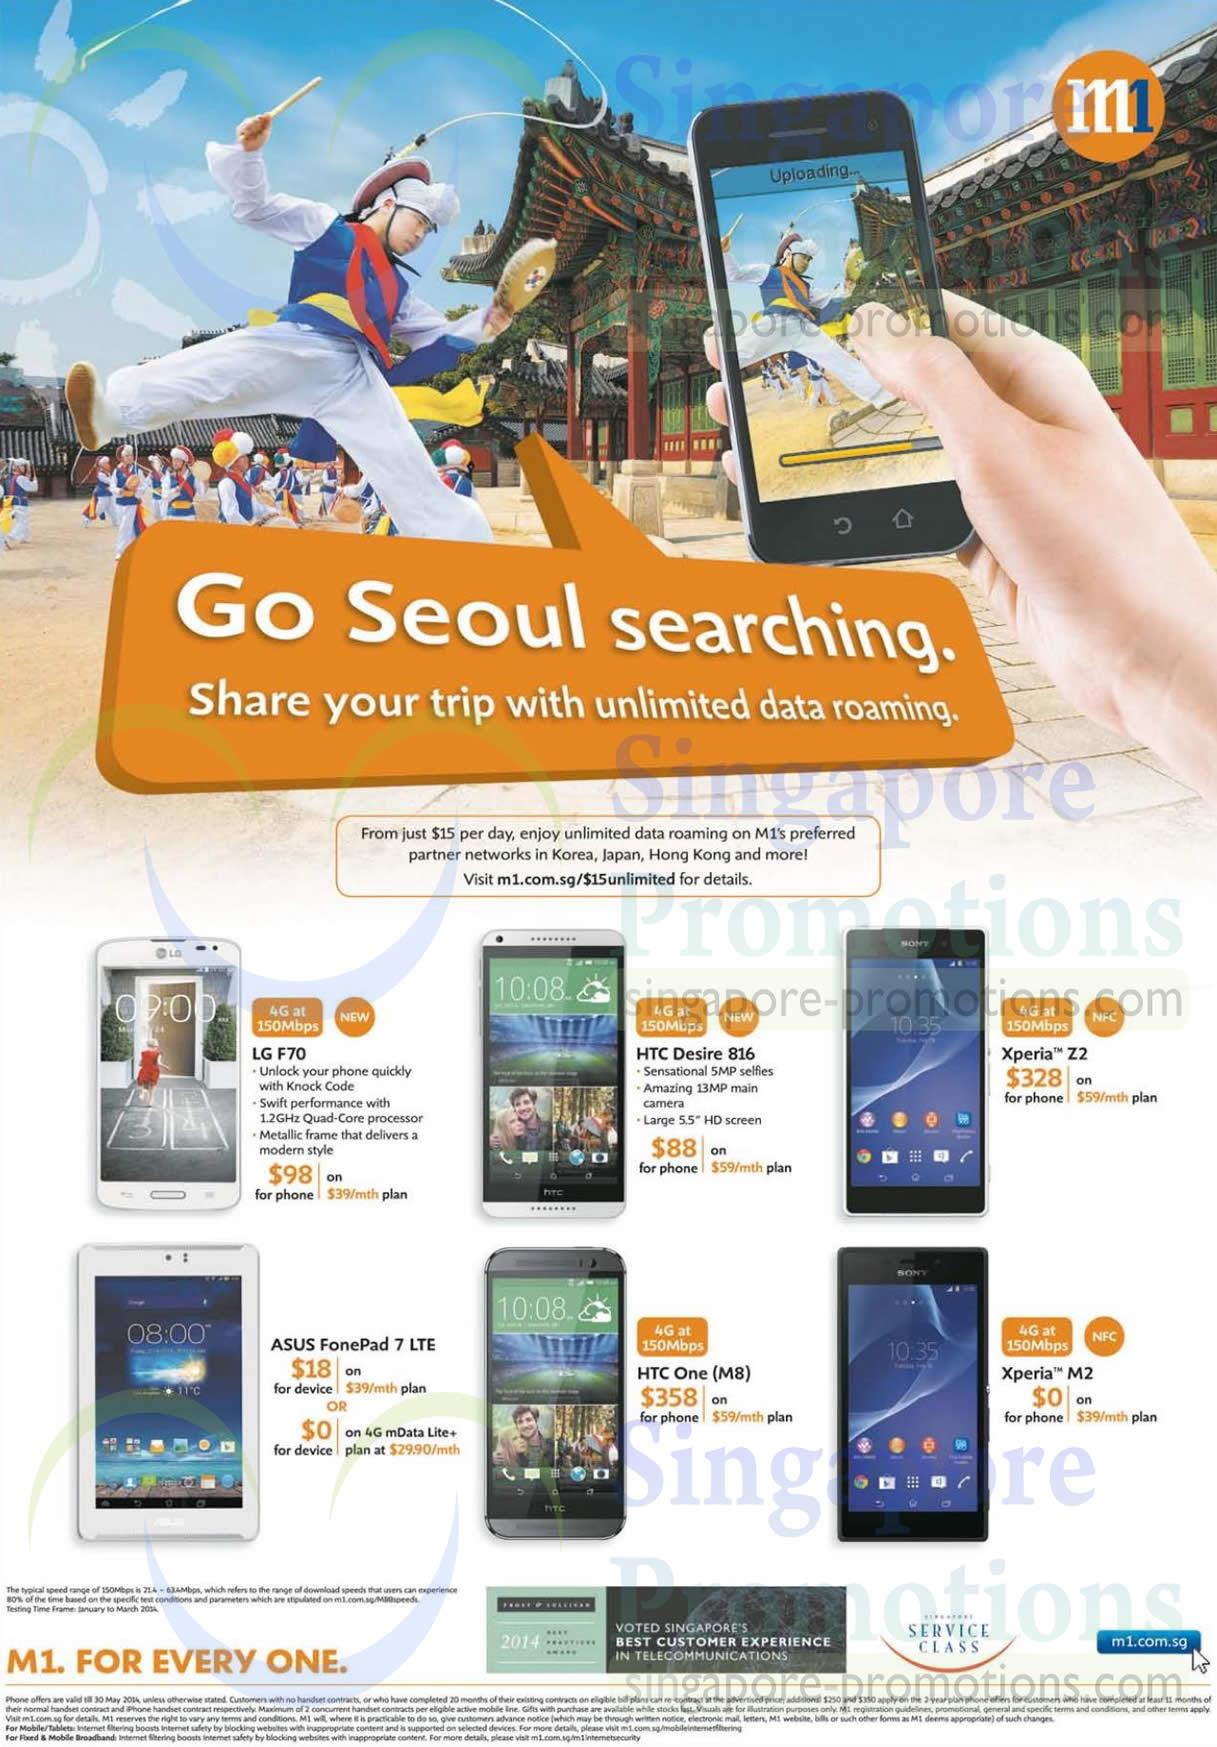 LG F70, HTC Desire 816, HTC One, Sony Xperia Z2, Sony Xperia M2, Asus Fonepad 7